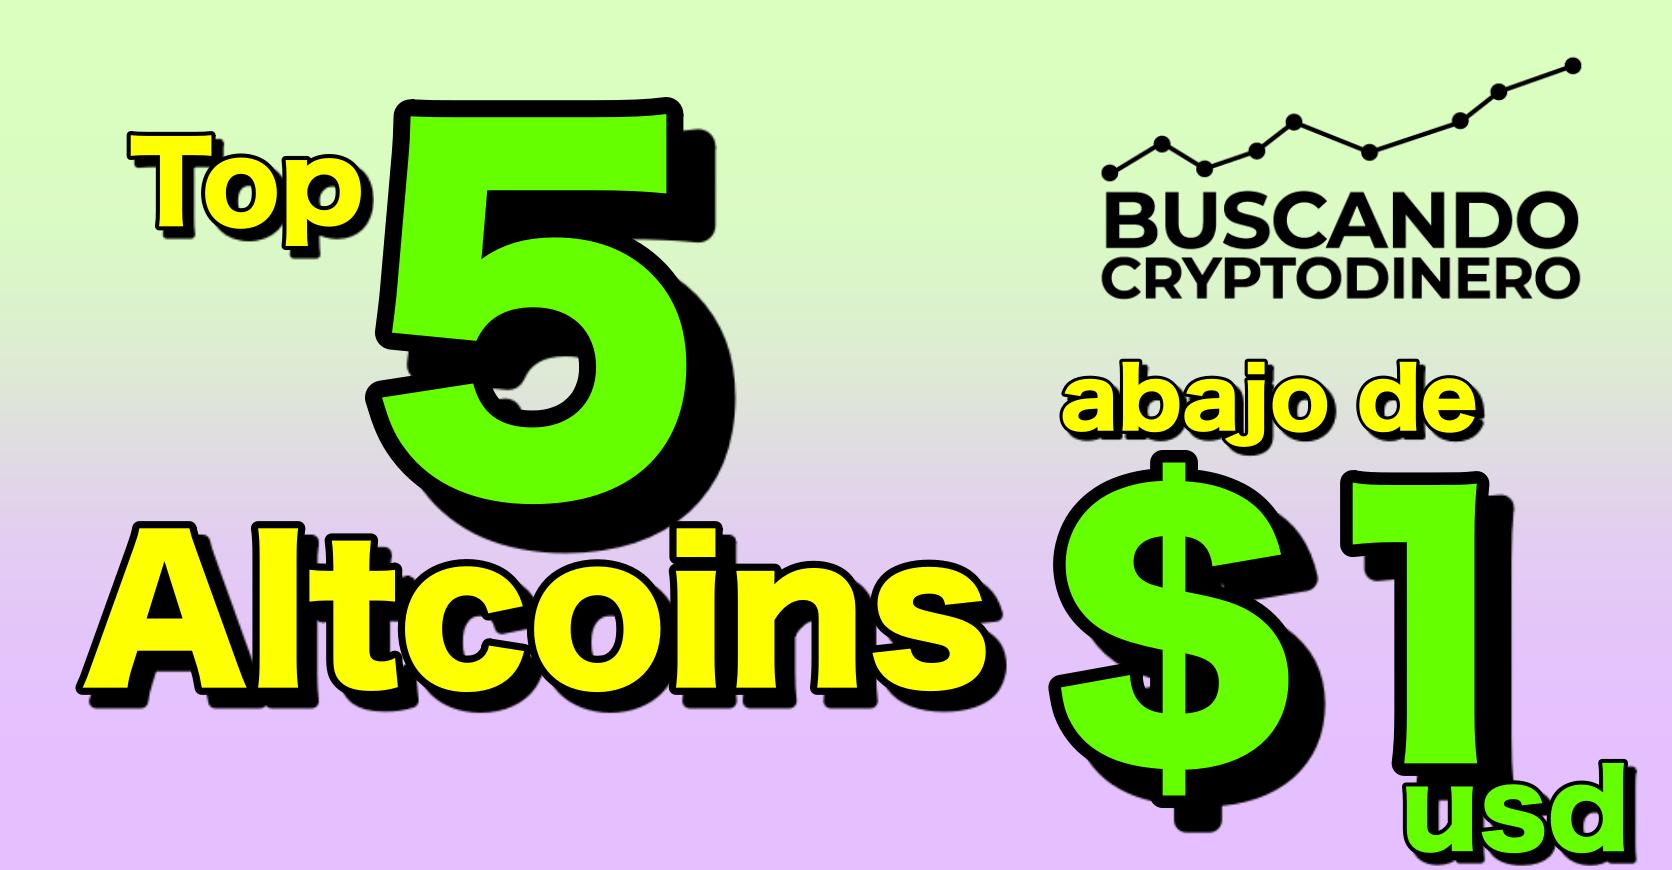 En este momento estás viendo Top de 5 monedas en menos de 1 dólar para este mes de junio